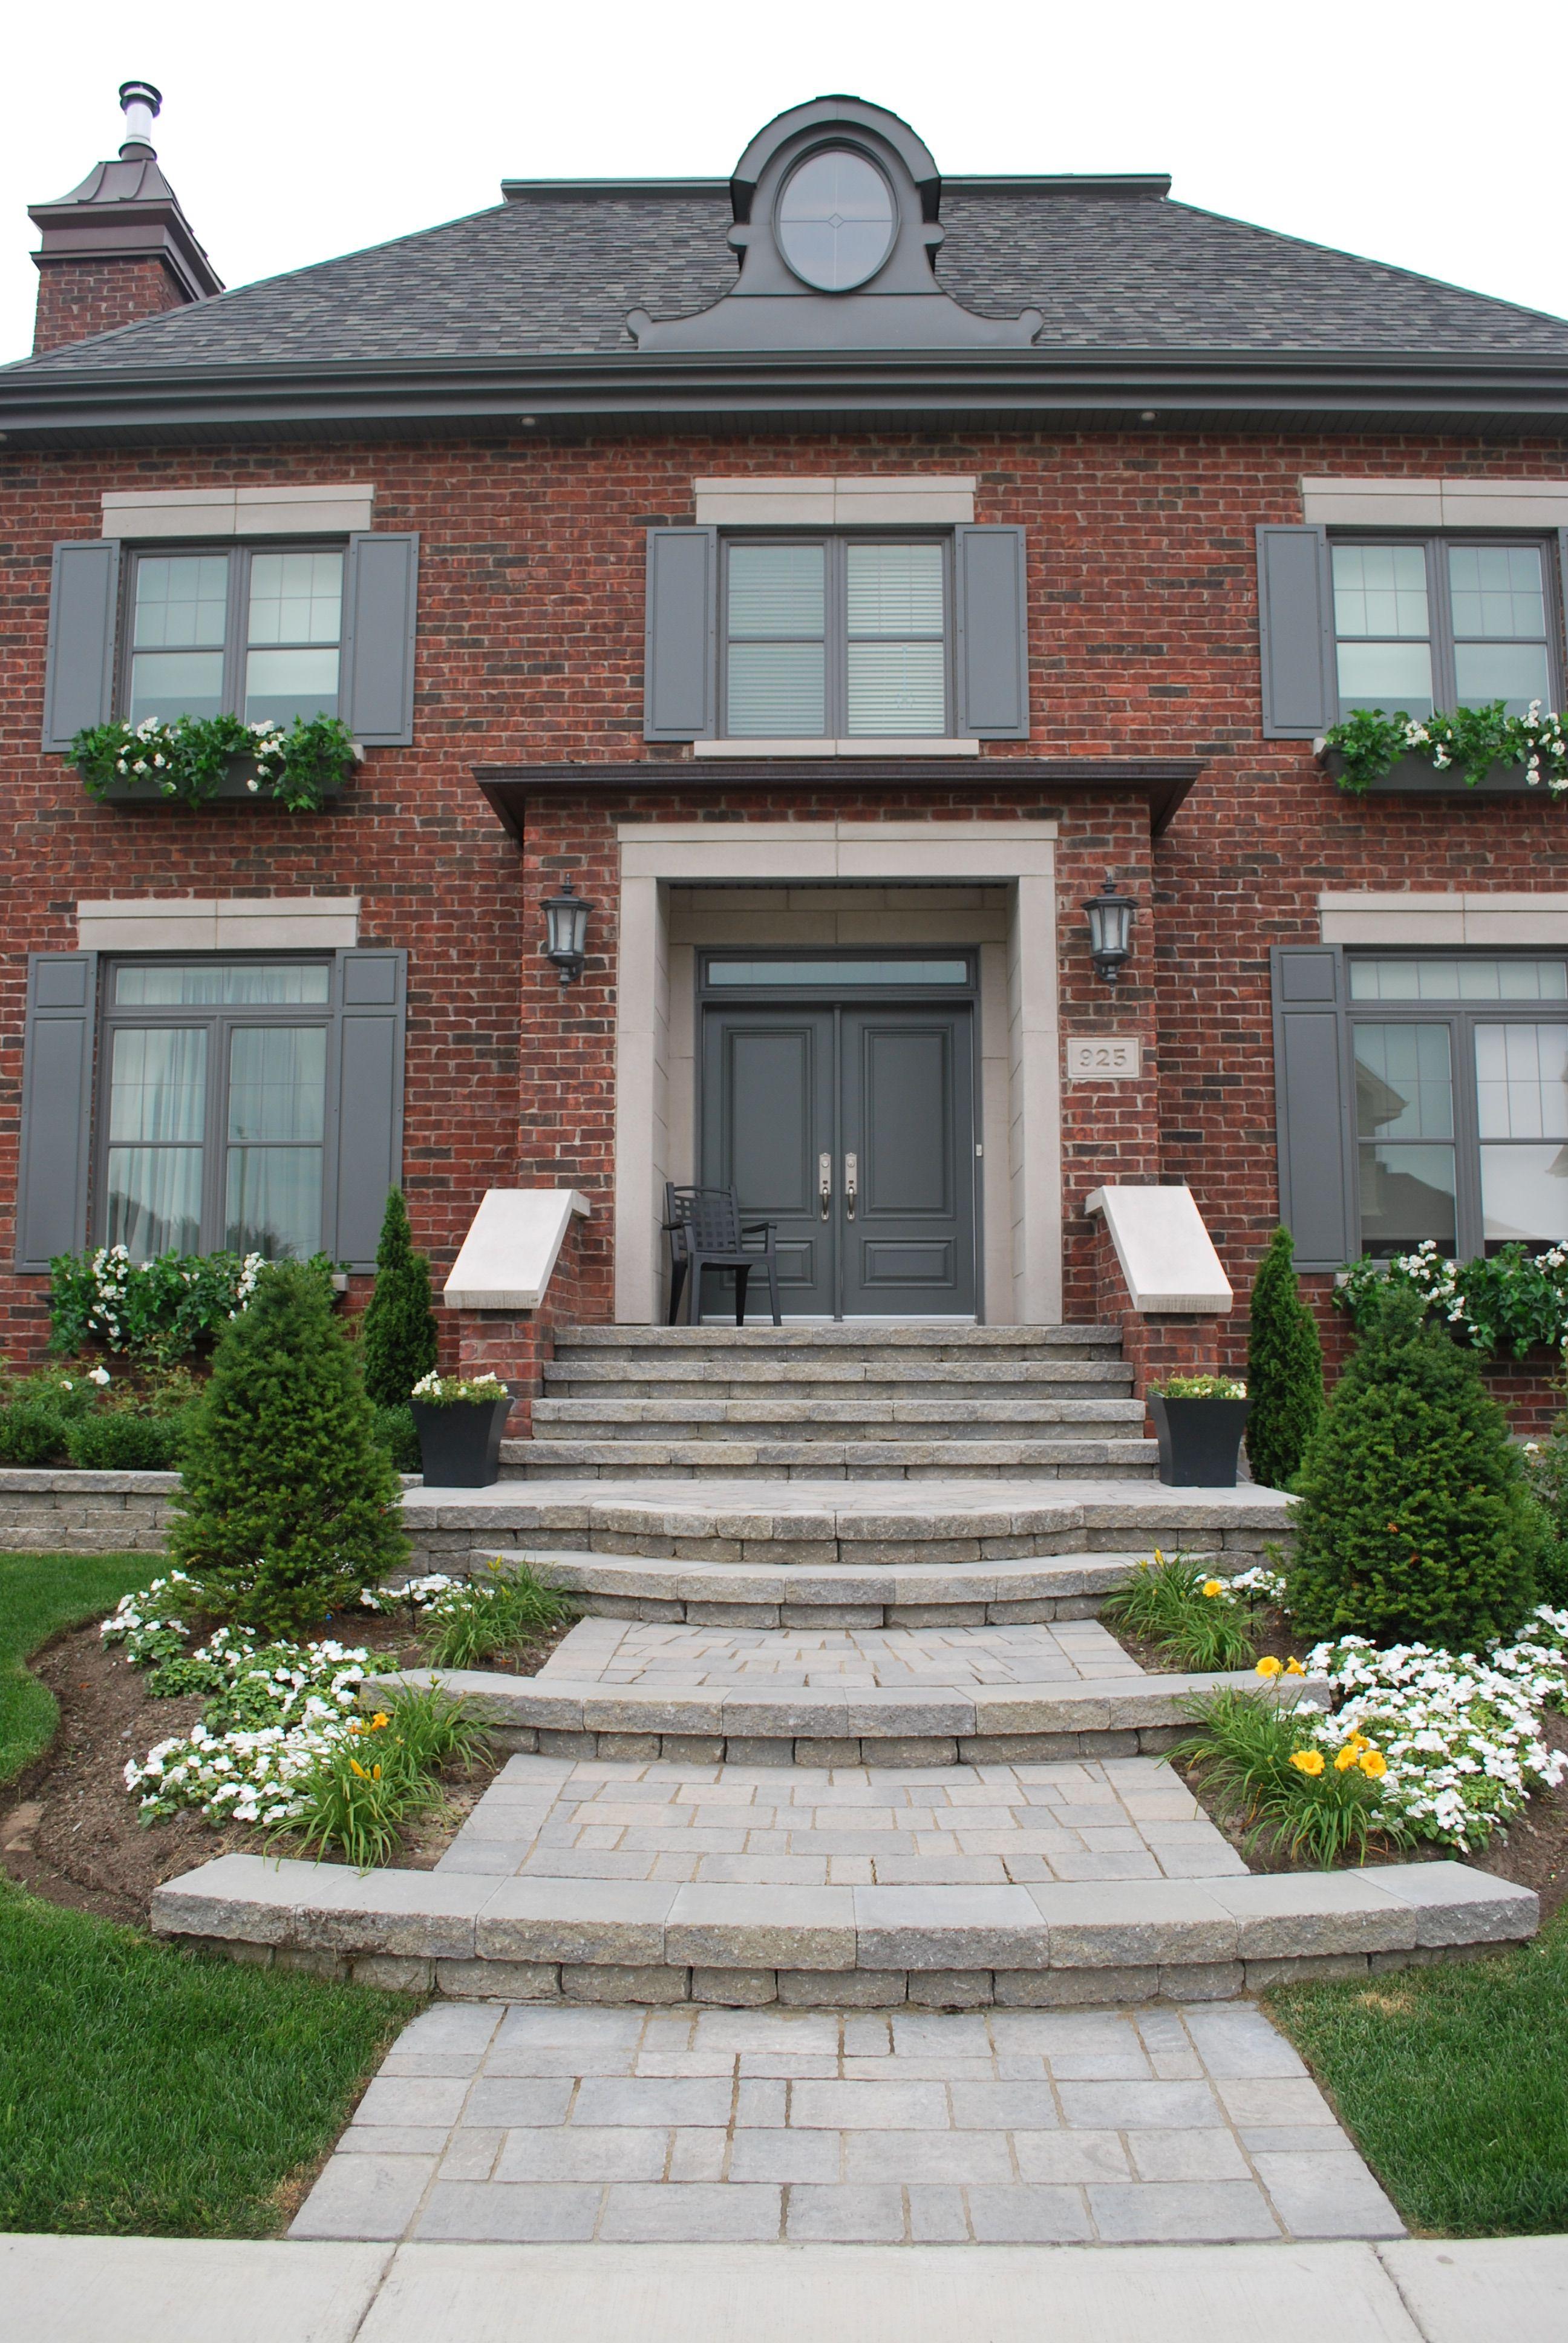 Am nagement paysager de la fa ade de la maison avec escalier pav moderne permacon et - Amenagement paysager devant maison ...